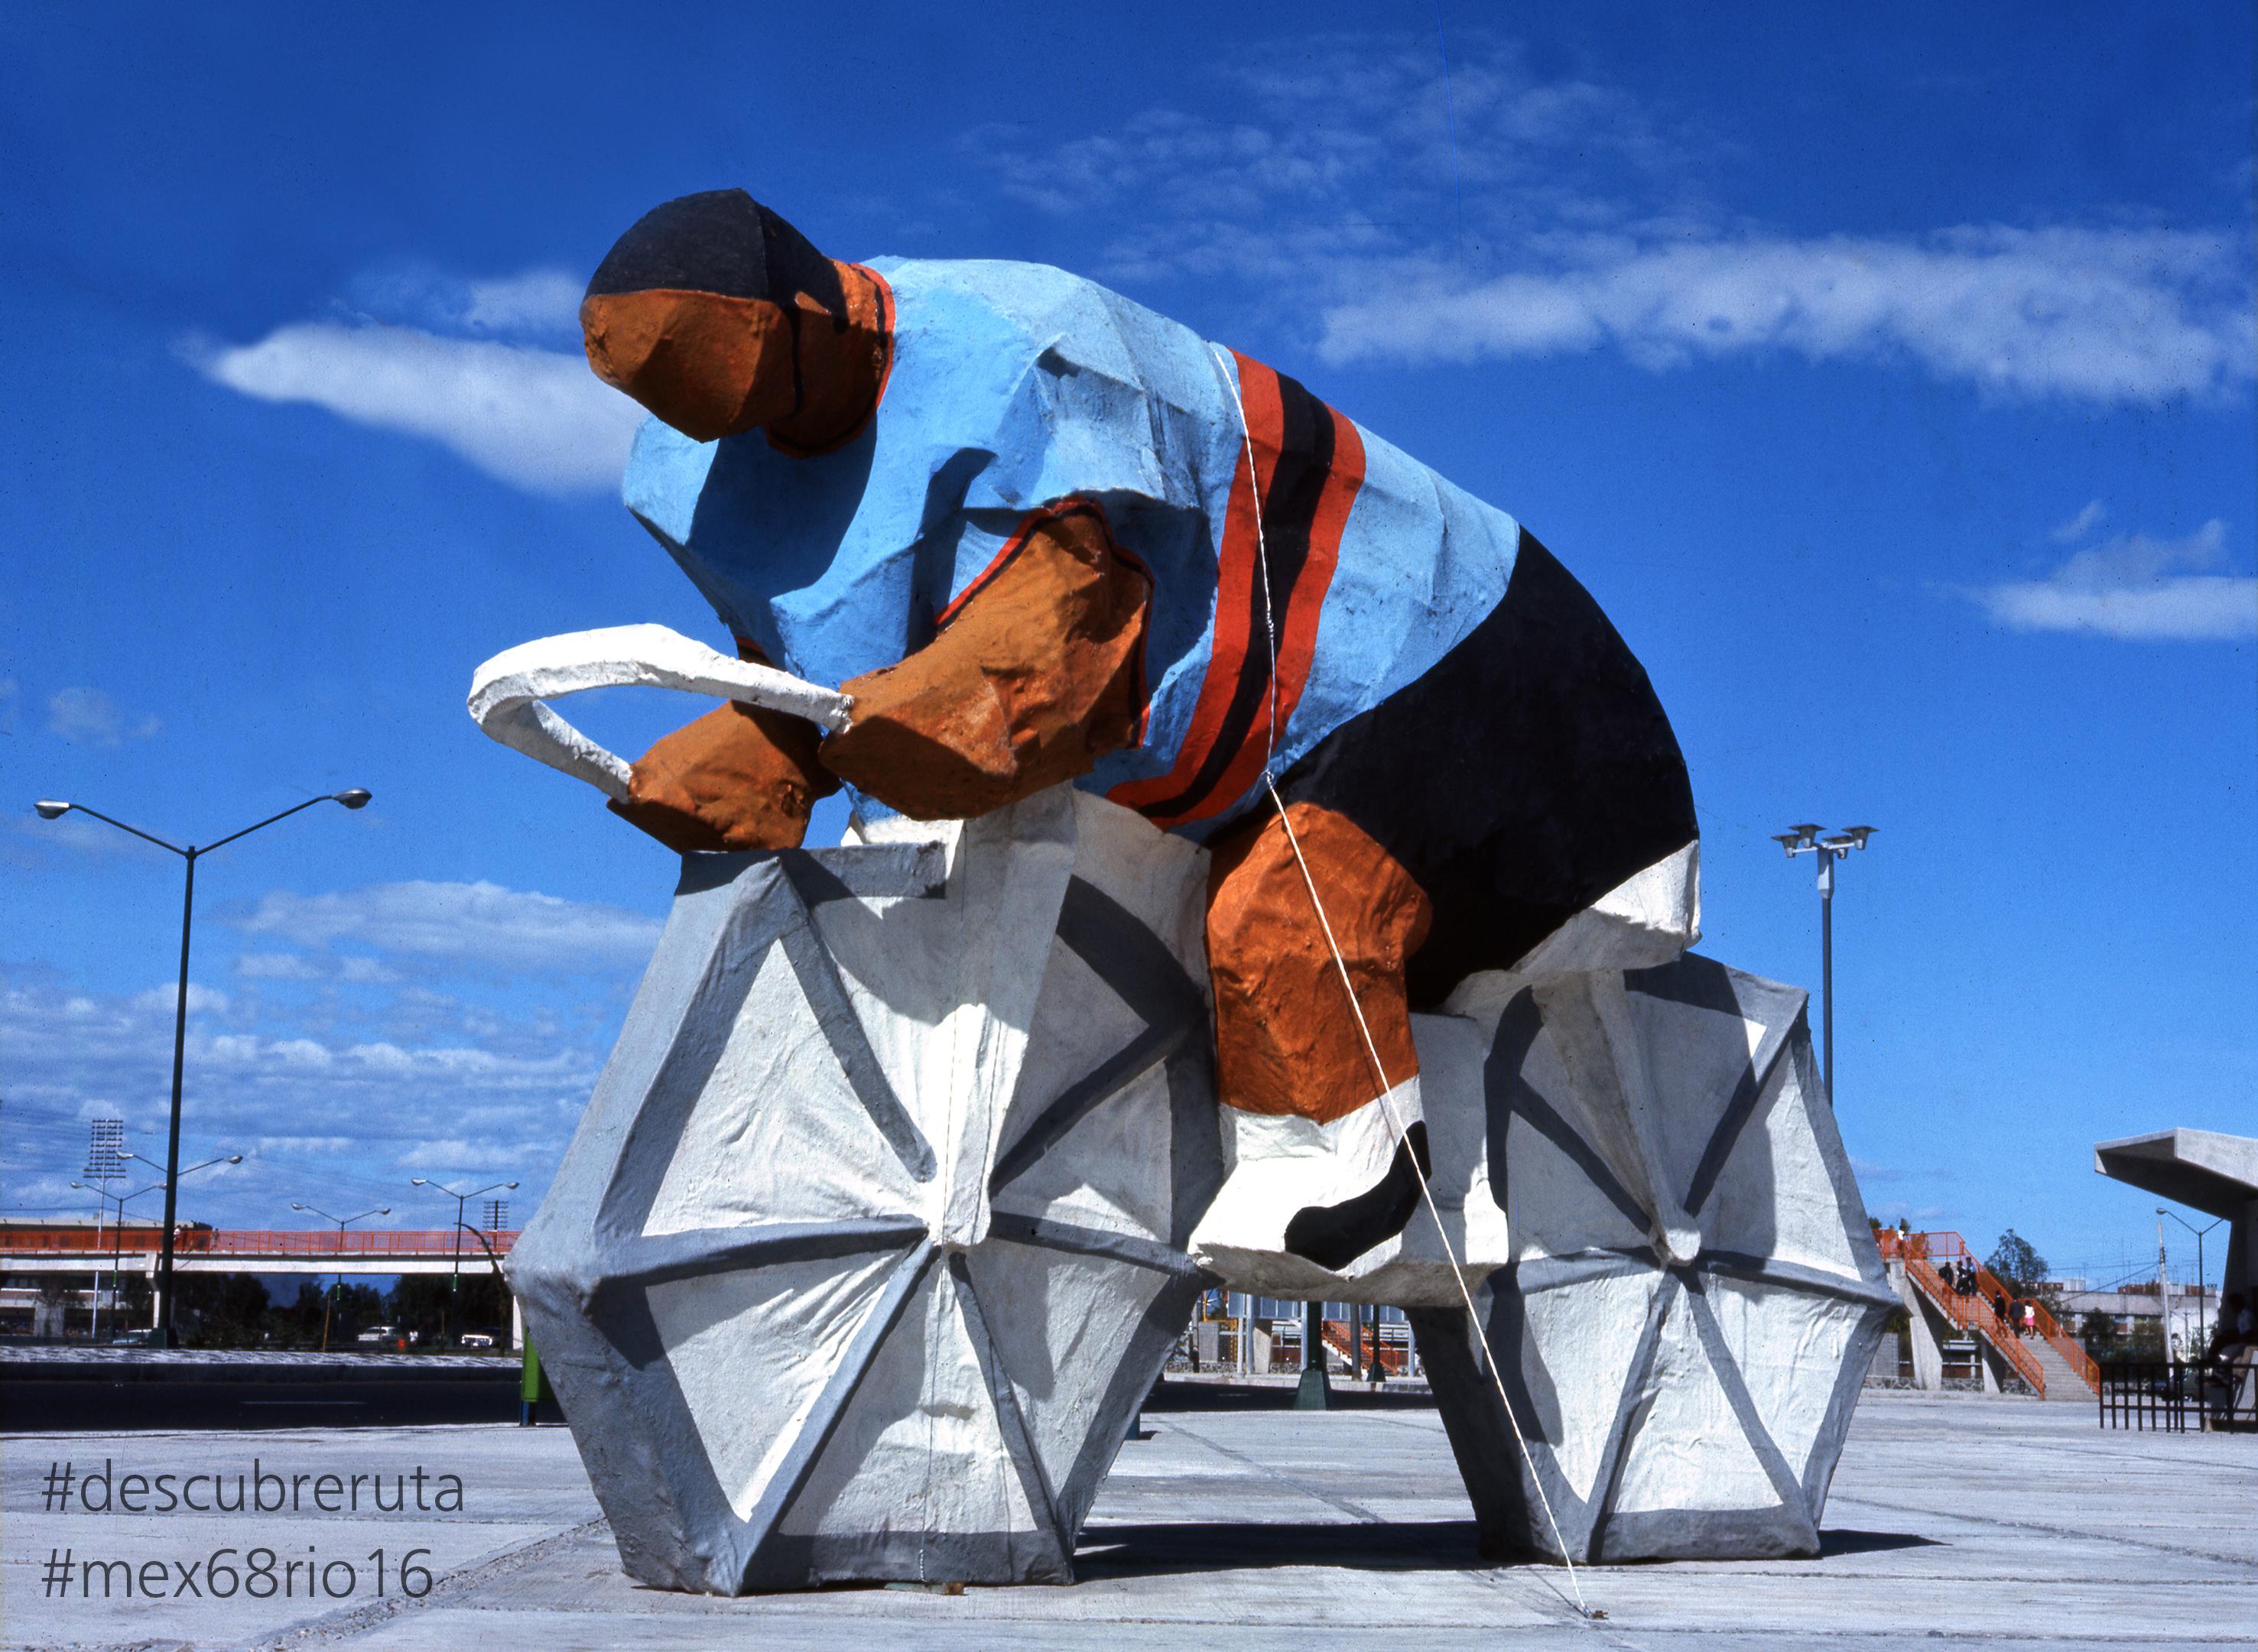 Reviven olimpiadas de Río 2016 el arte cultural de México 1968